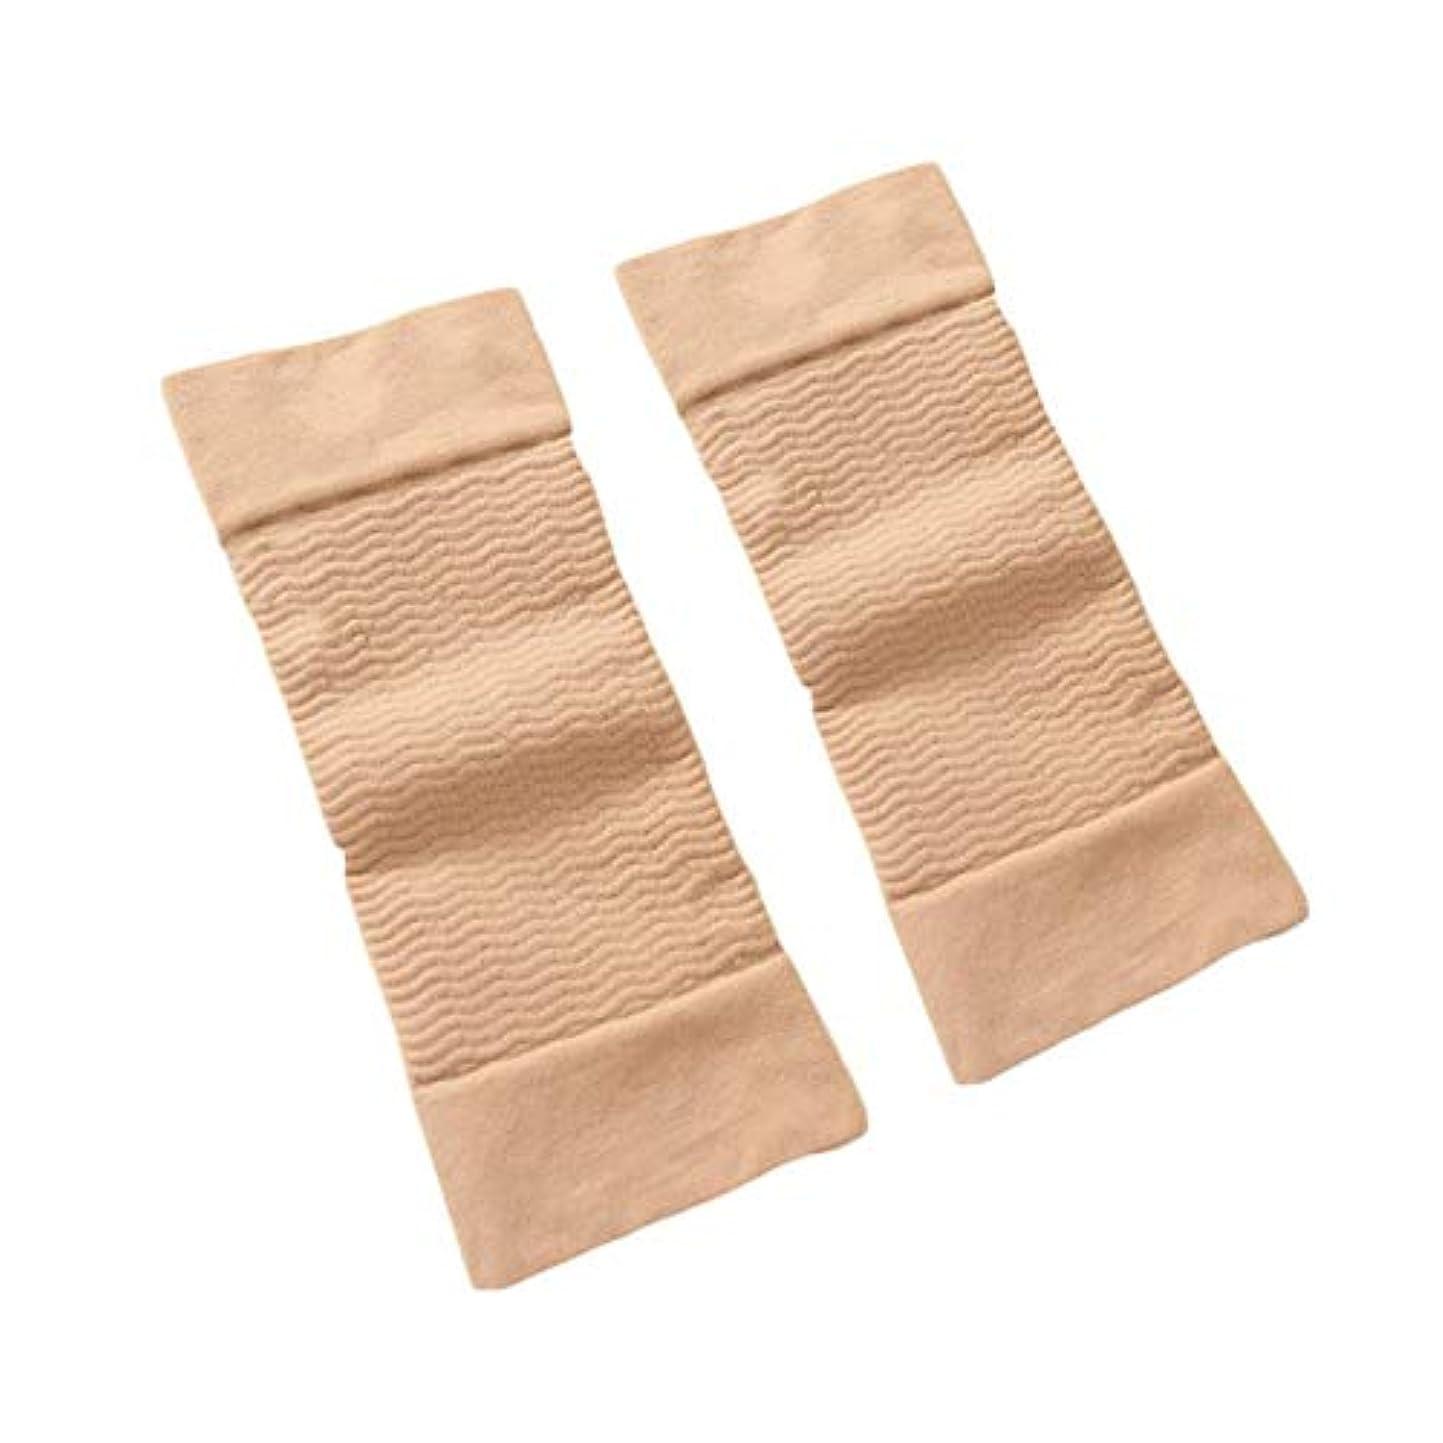 膨張する使役暗殺する1ペア420 D圧縮痩身アームスリーブワークアウトトーニングバーンセルライトシェイパー脂肪燃焼袖用女性 - 肌色